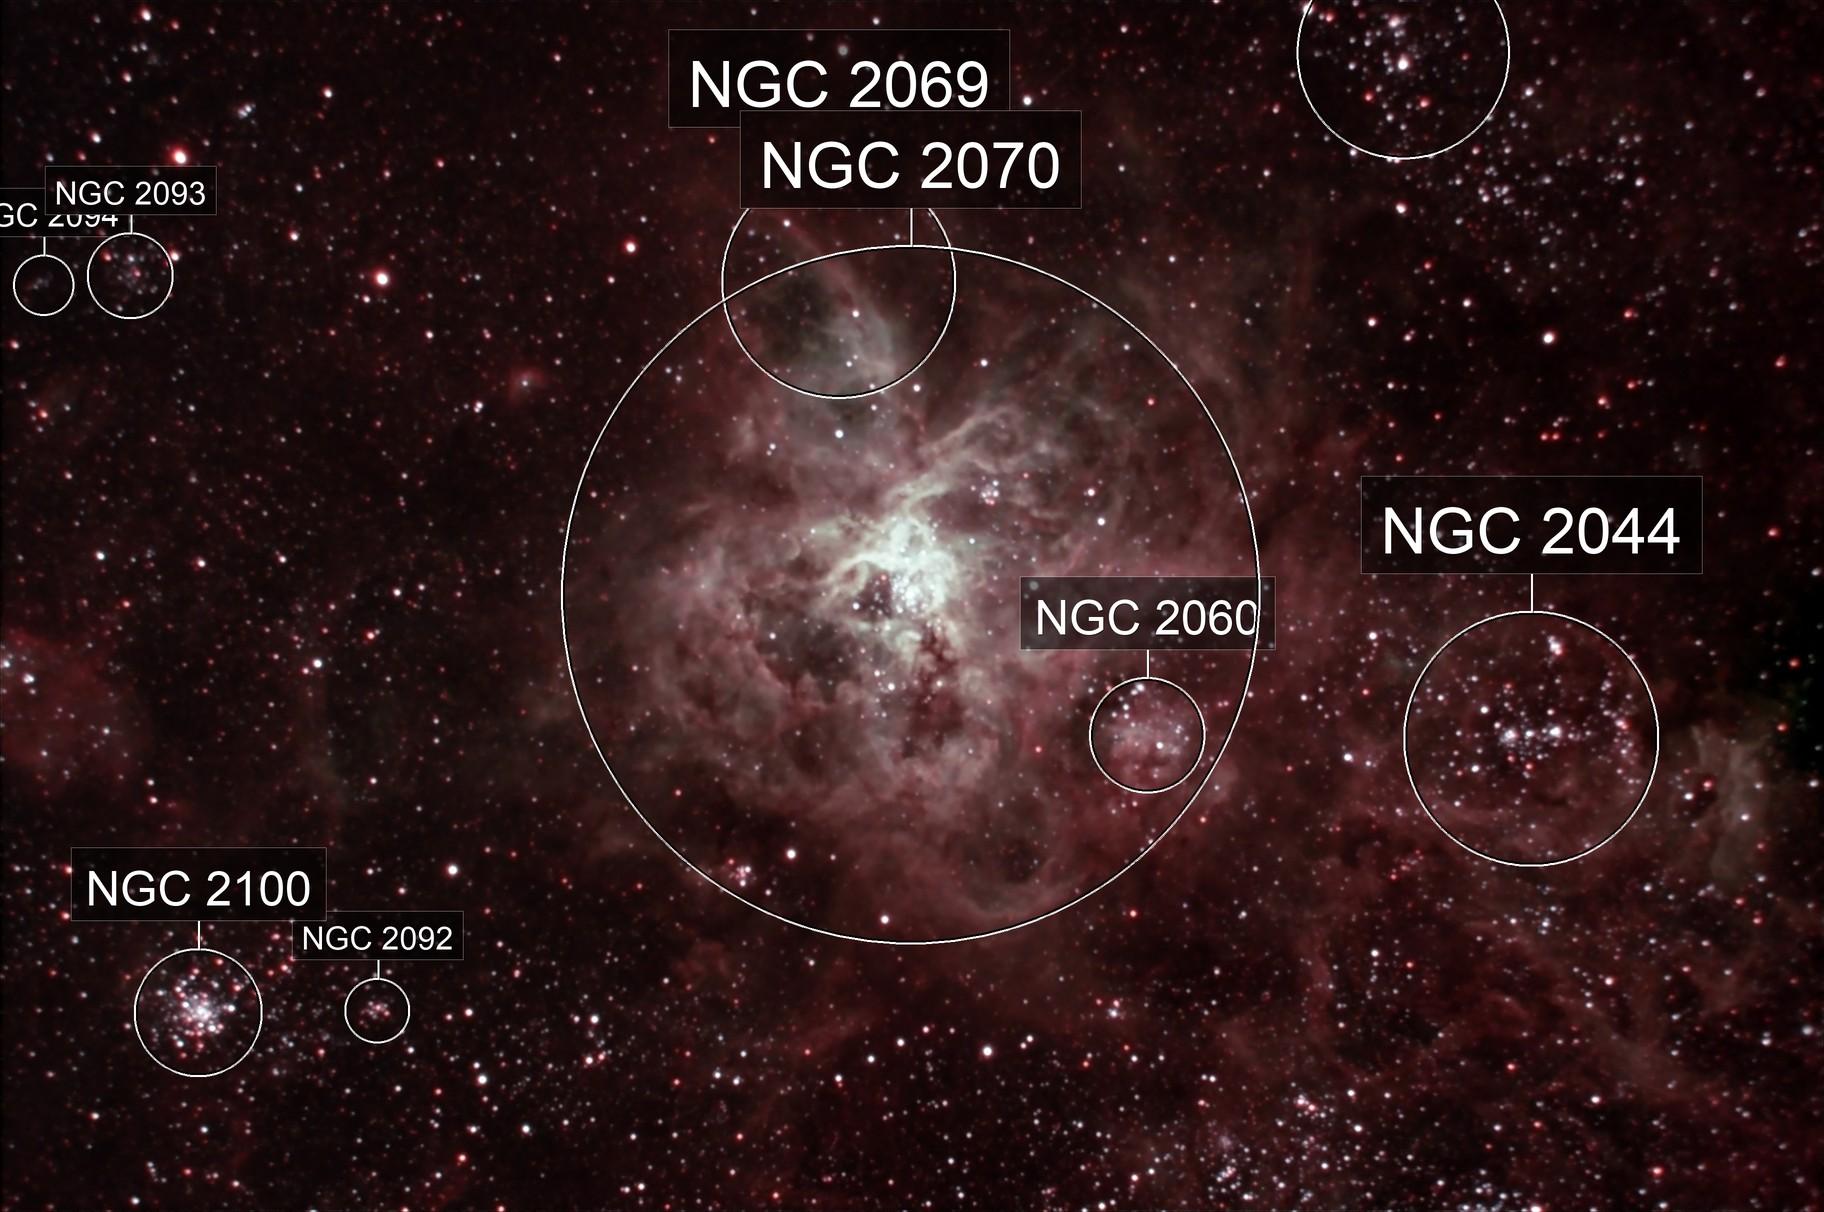 Tarantula Nebula - 30 Doradus